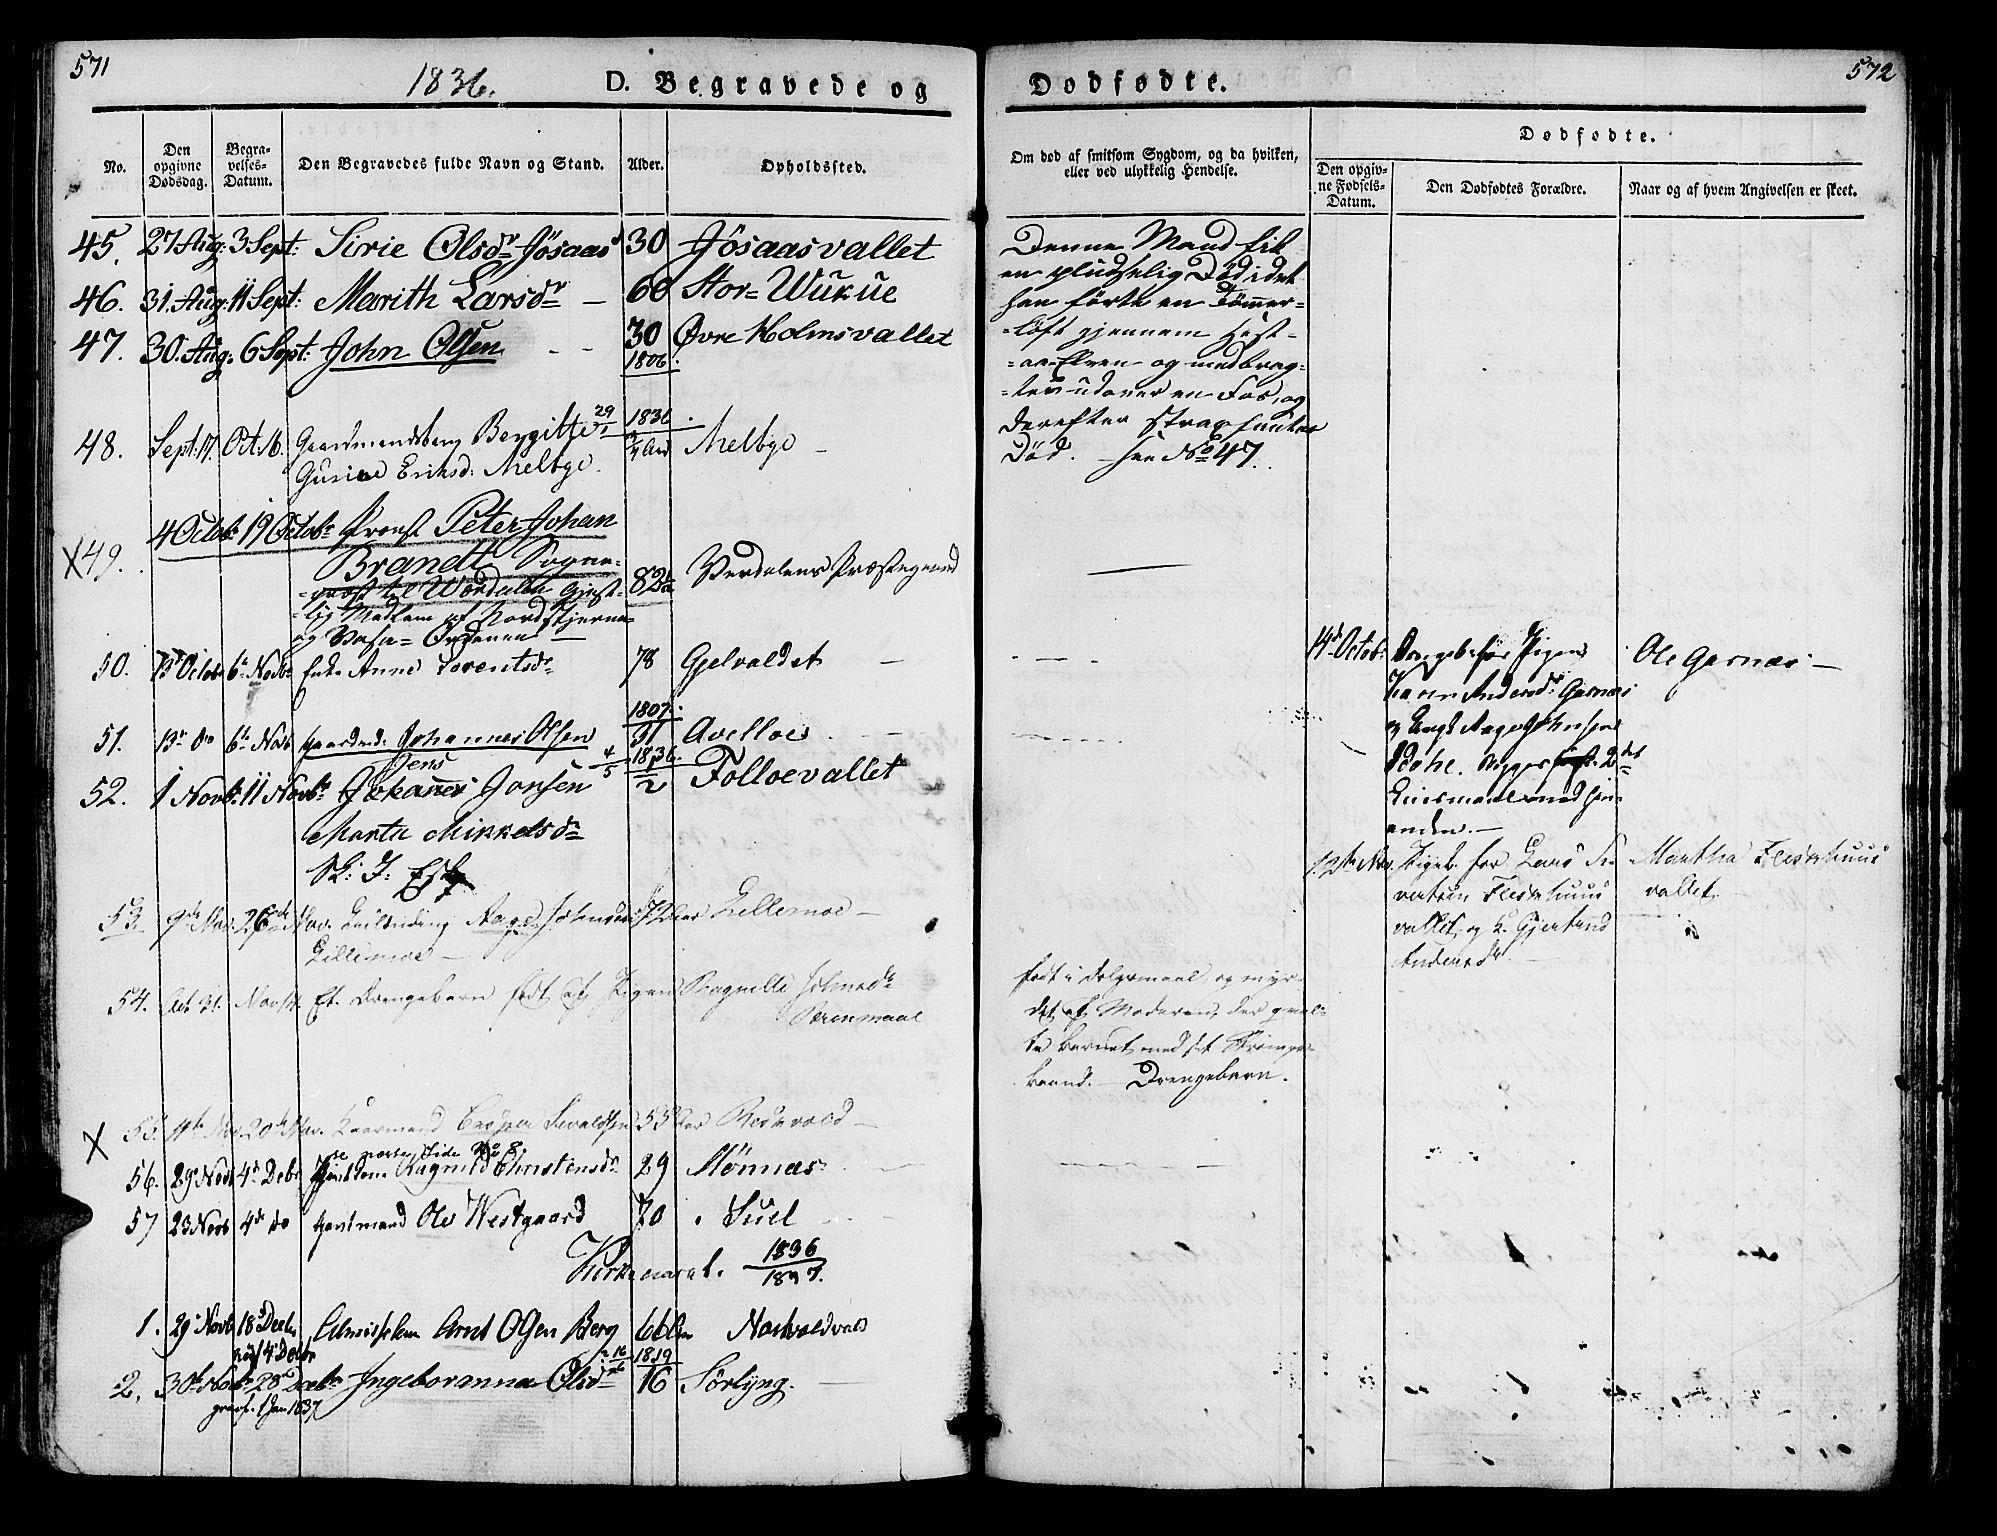 SAT, Ministerialprotokoller, klokkerbøker og fødselsregistre - Nord-Trøndelag, 723/L0238: Ministerialbok nr. 723A07, 1831-1840, s. 571-572